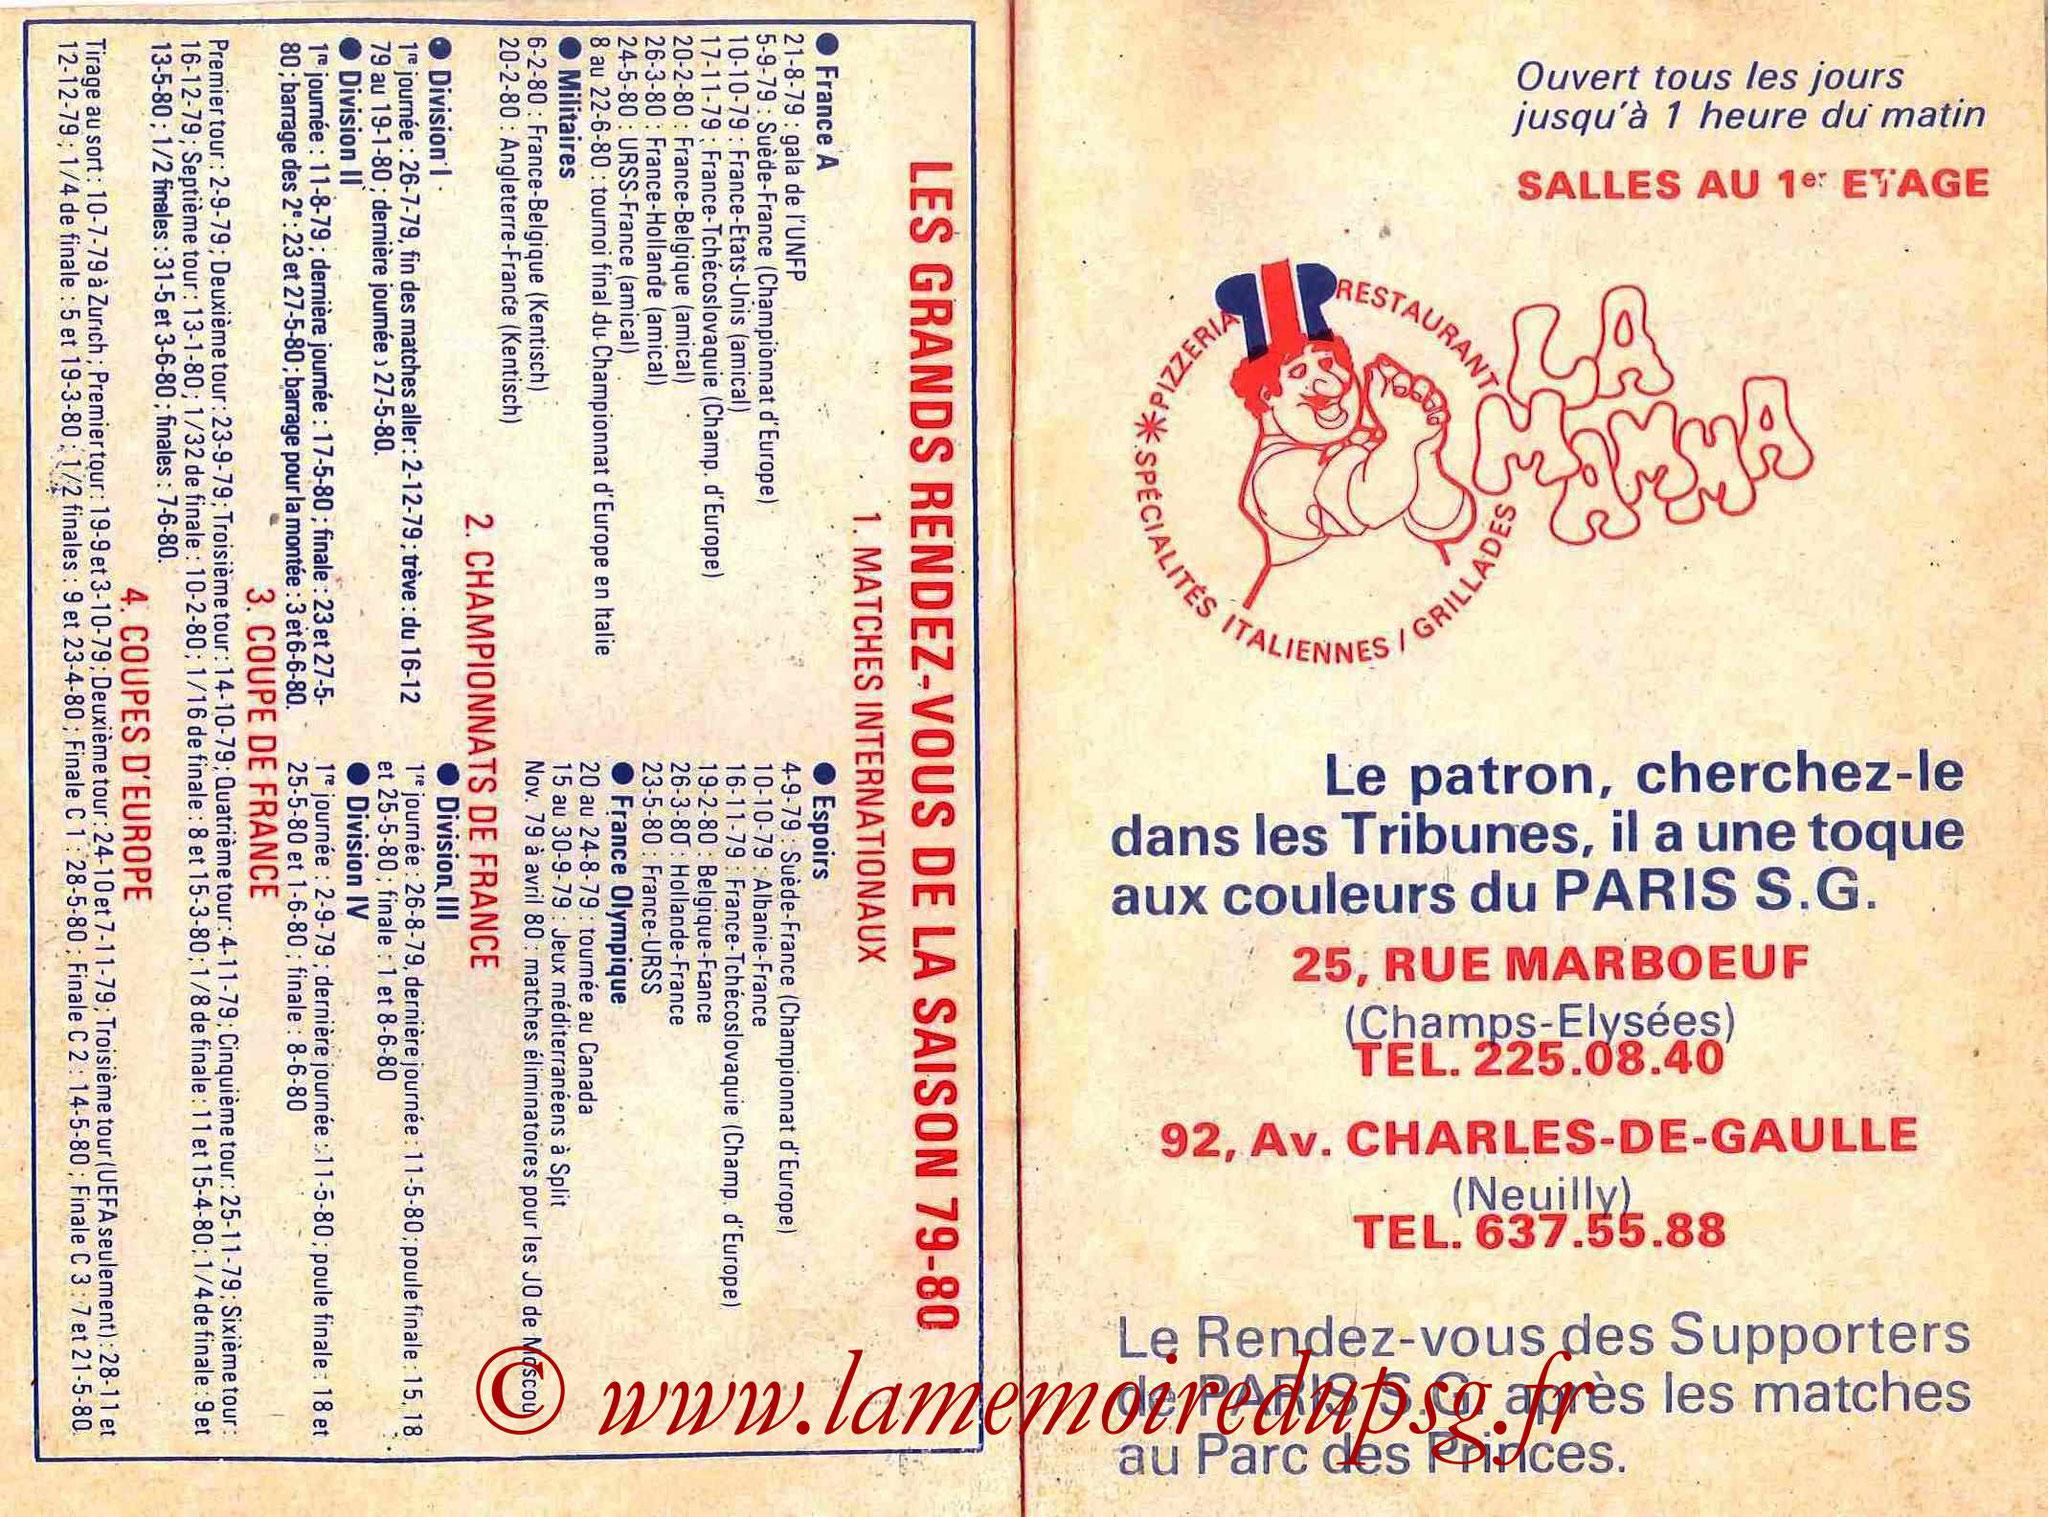 1979-80 - Guide de la Saison PSG - Pages 14 et 15